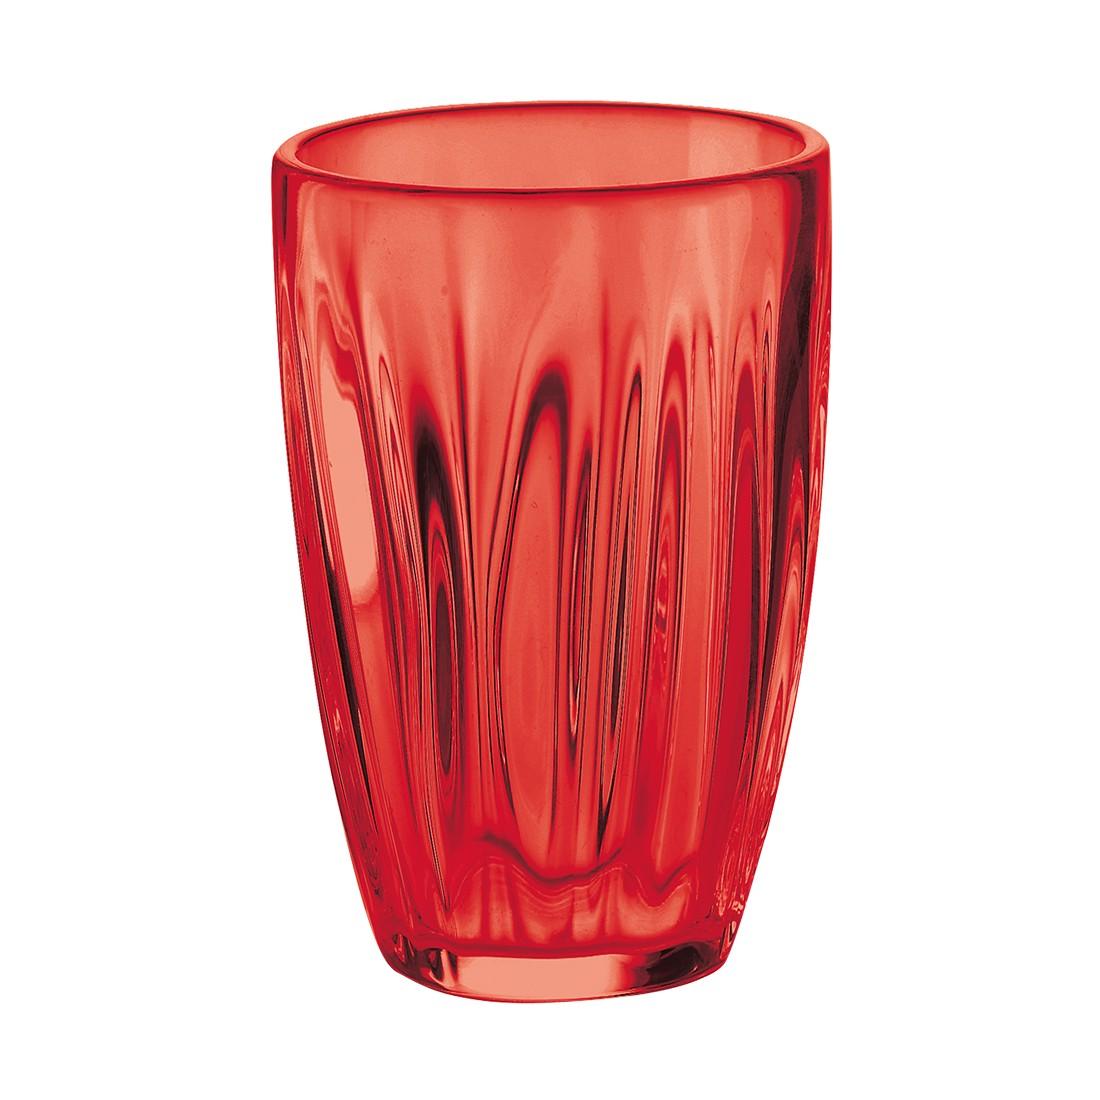 Trinkglas Aqua – Kunststoff Rot, Guzzini bestellen